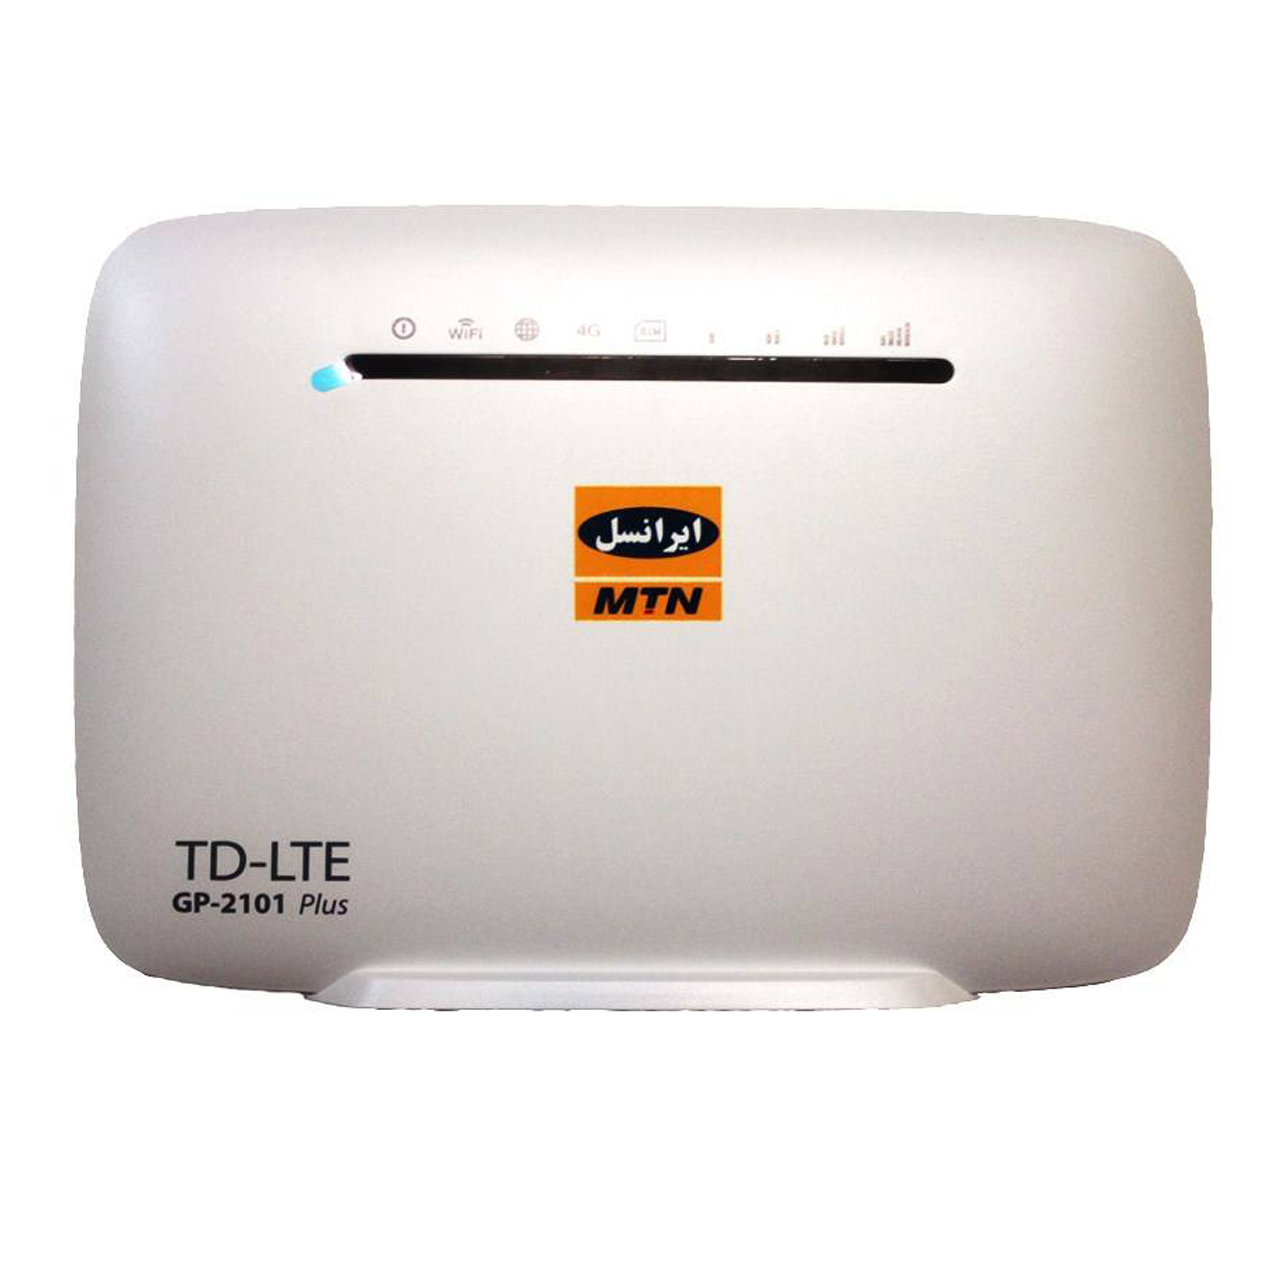 بررسی و {خرید با تخفیف} مودم TD-LTE ایرانسل مدل GP-2101 plus به همراه 10GB اینترنت همراه رایگان اصل